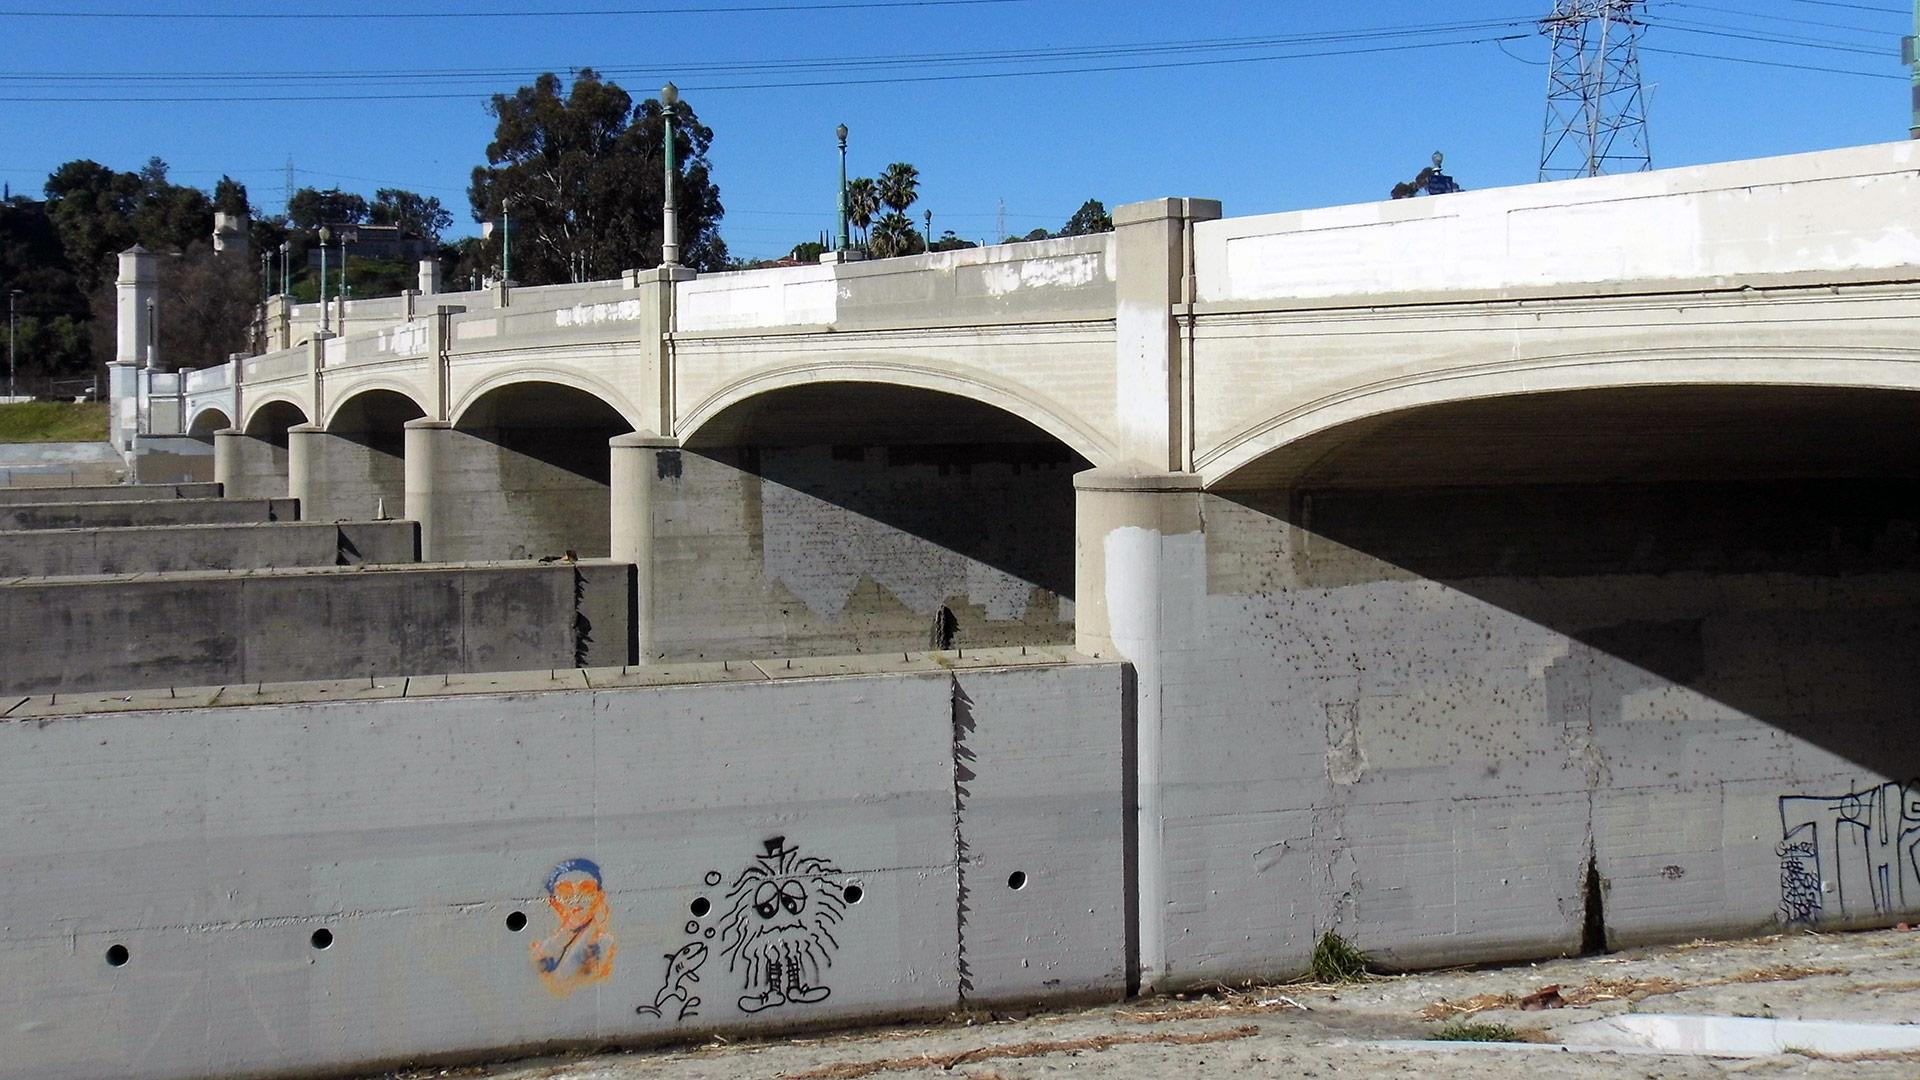 Glendale-Hyperion Bridge. | Sandi Hemmerlein